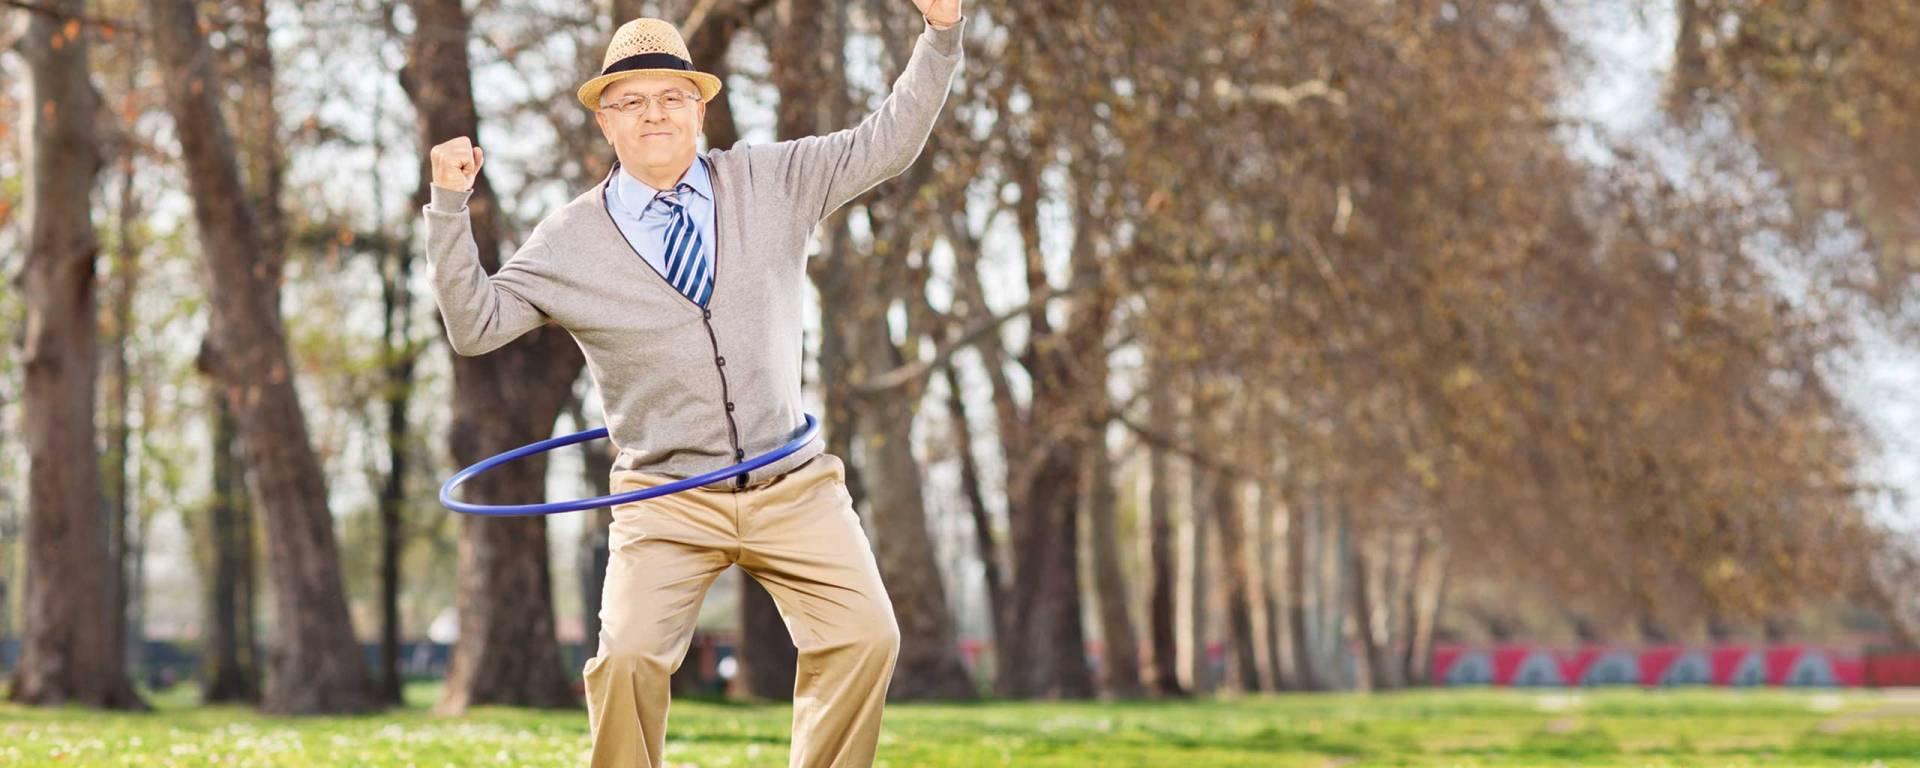 Waarom sporten en bewegen goed is voor ouderen | De oplossing als uw trap  een obstakel wordt.